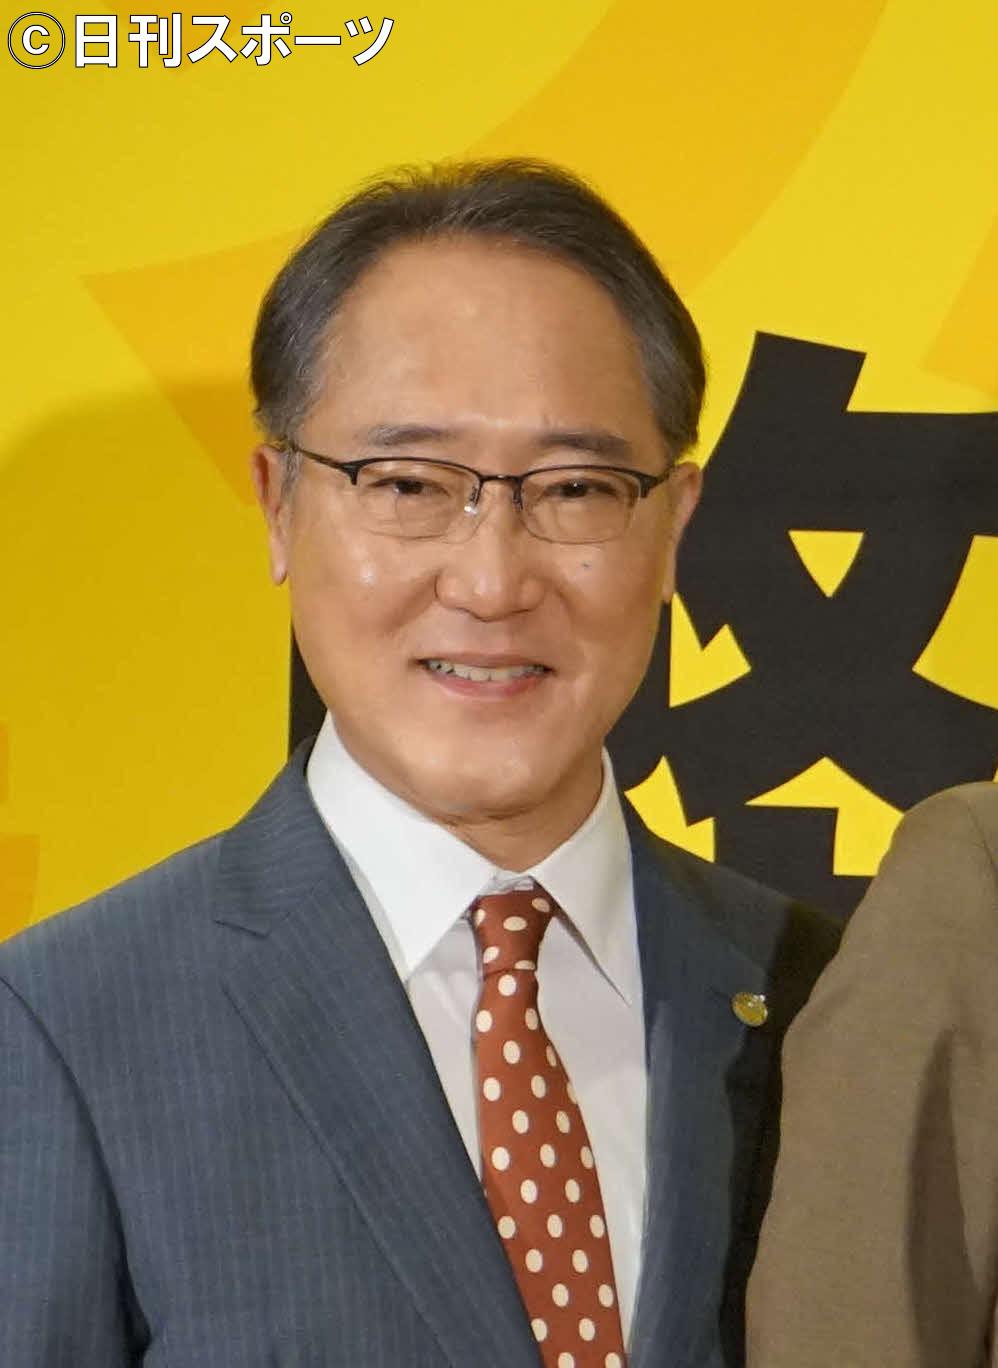 成田 凌 ガキ 使